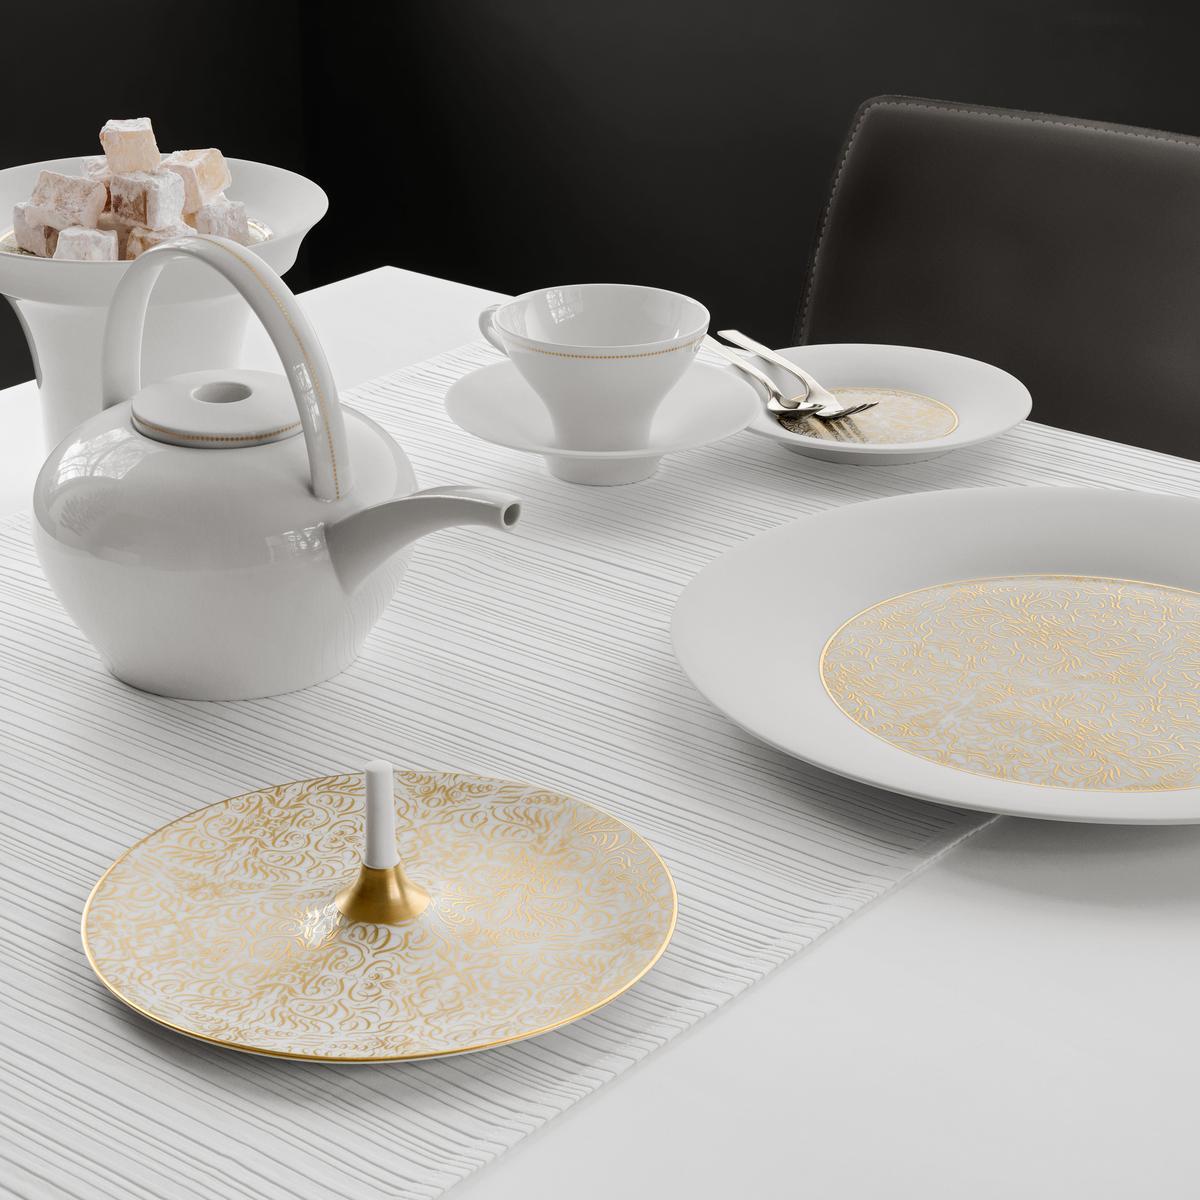 hering berlin alif gold porzellan. Black Bedroom Furniture Sets. Home Design Ideas